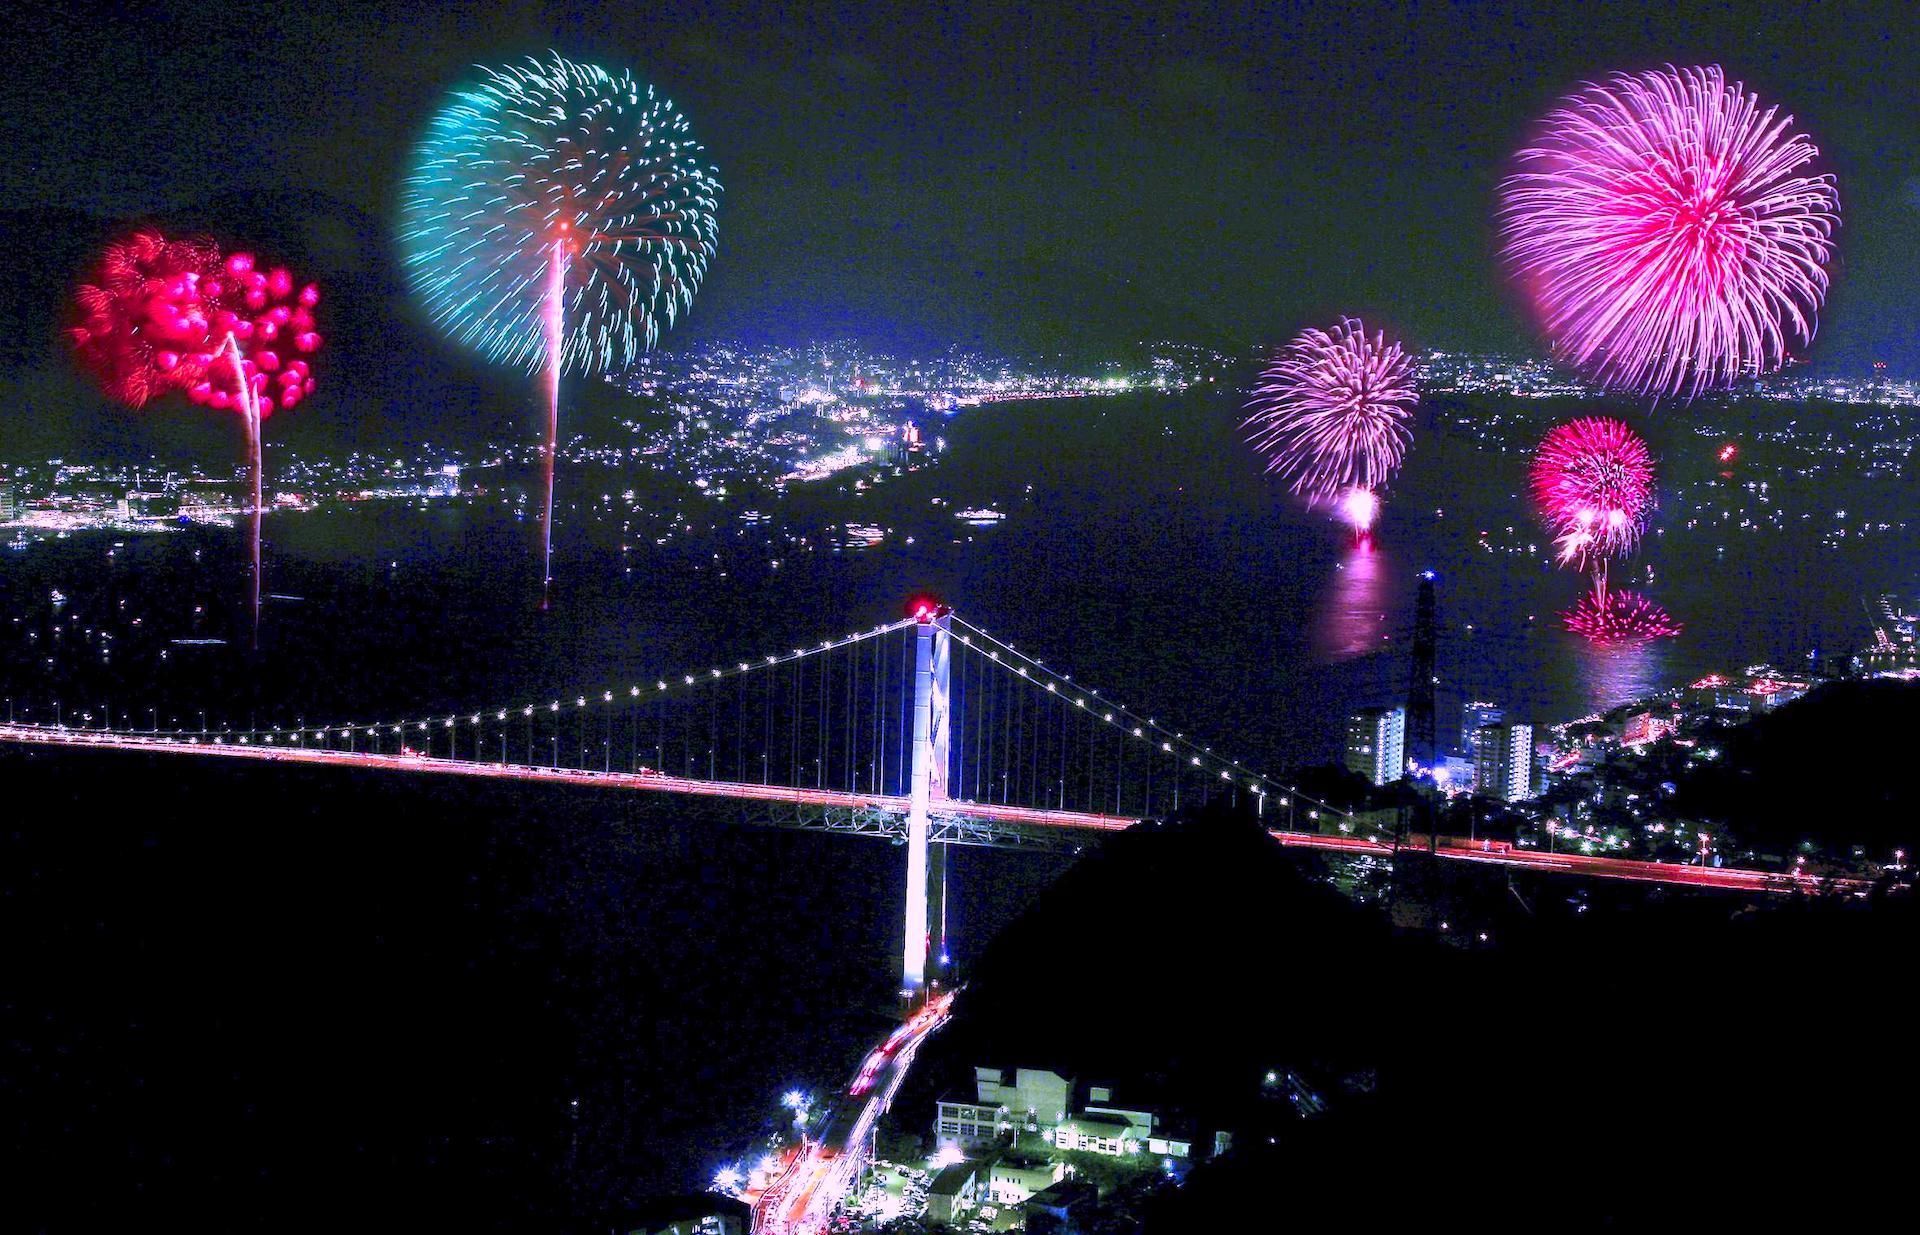 関門海峡花火大会 in 門司港レトロ|北九州市 | ニッポン旅マガジン